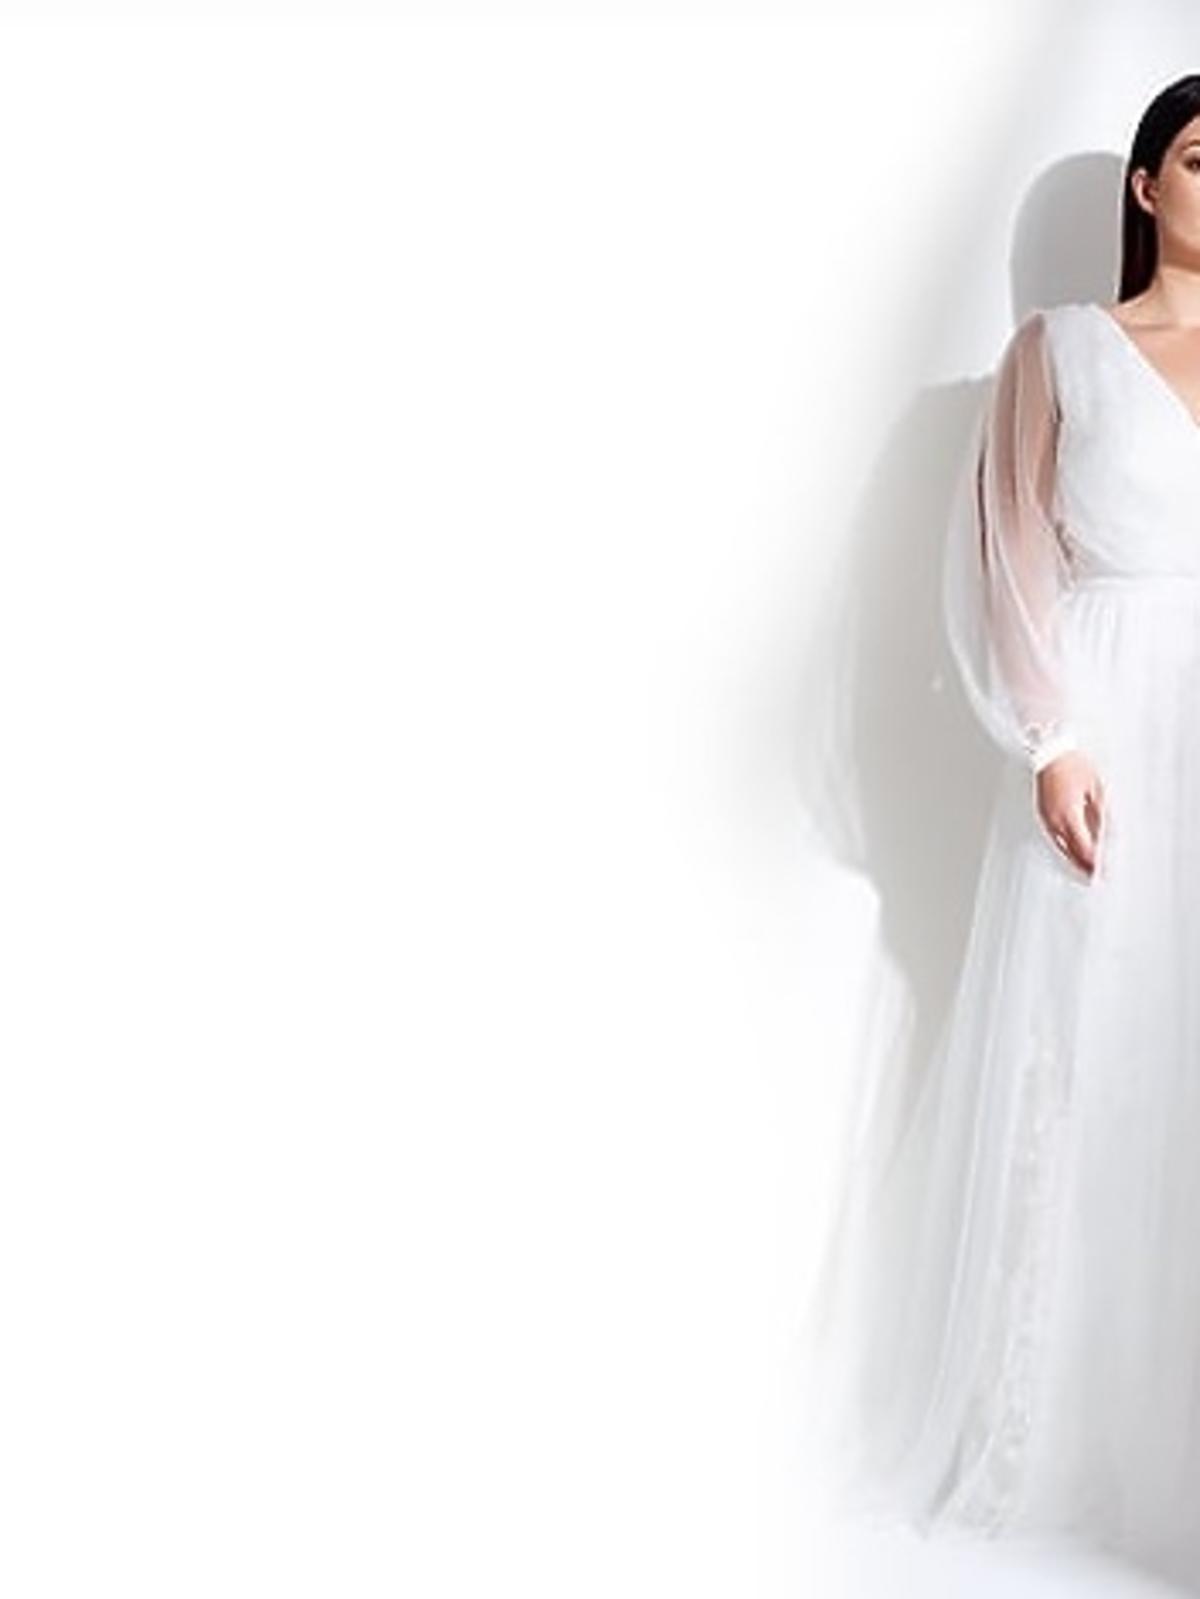 Suknia Ślubna projekt Izabela Janachowska